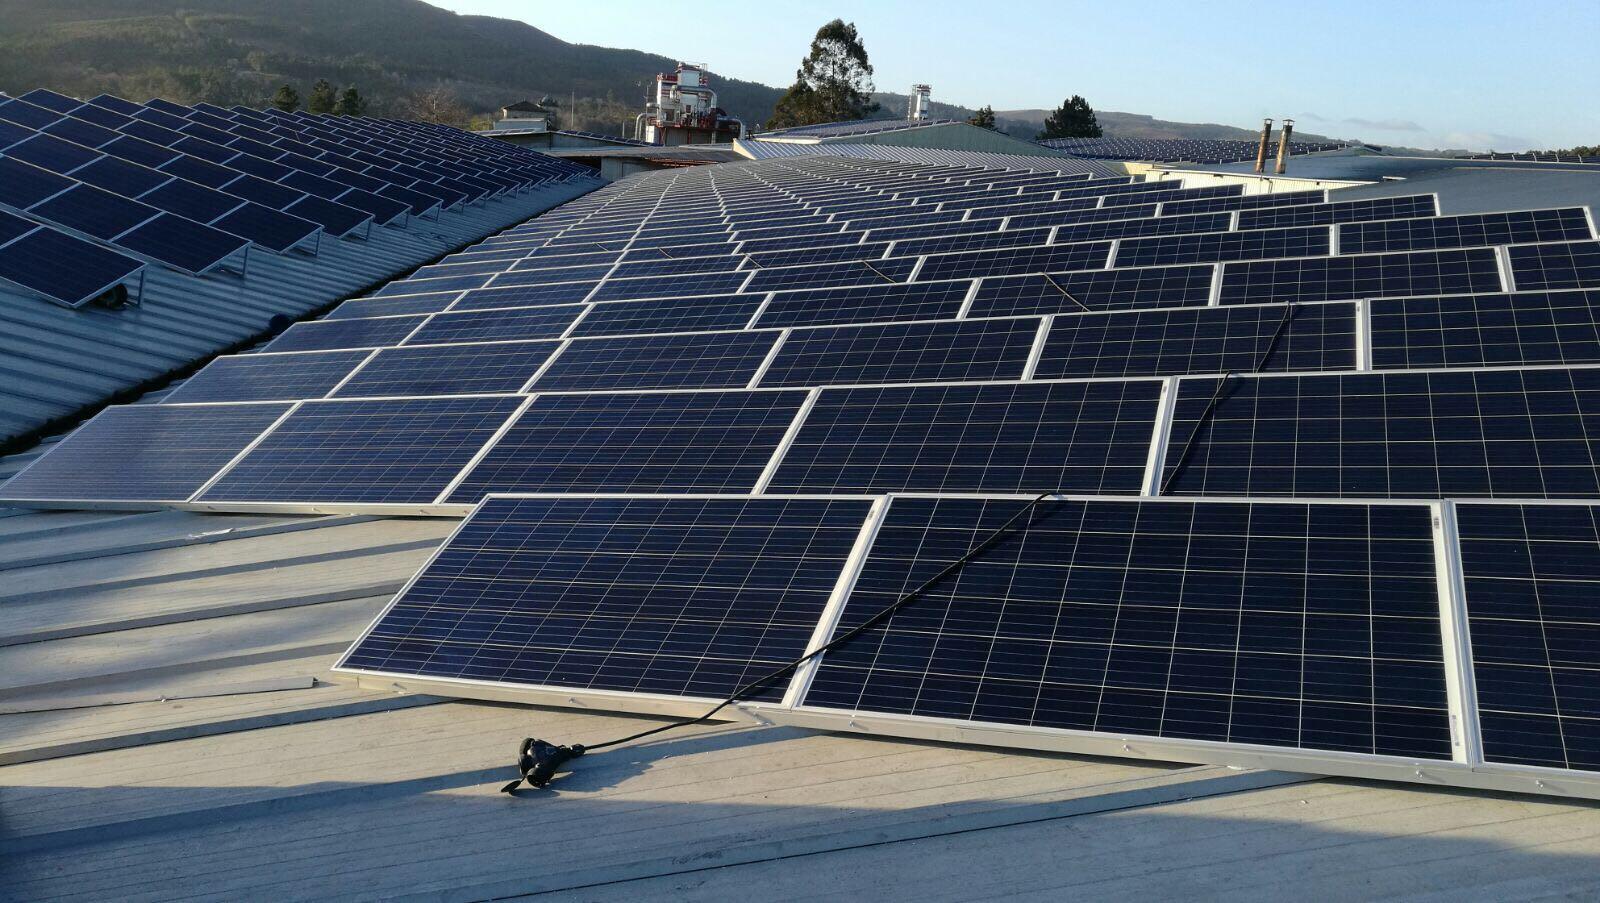 La mayor instalación de energía solar fotovoltaica para autoconsumo de España